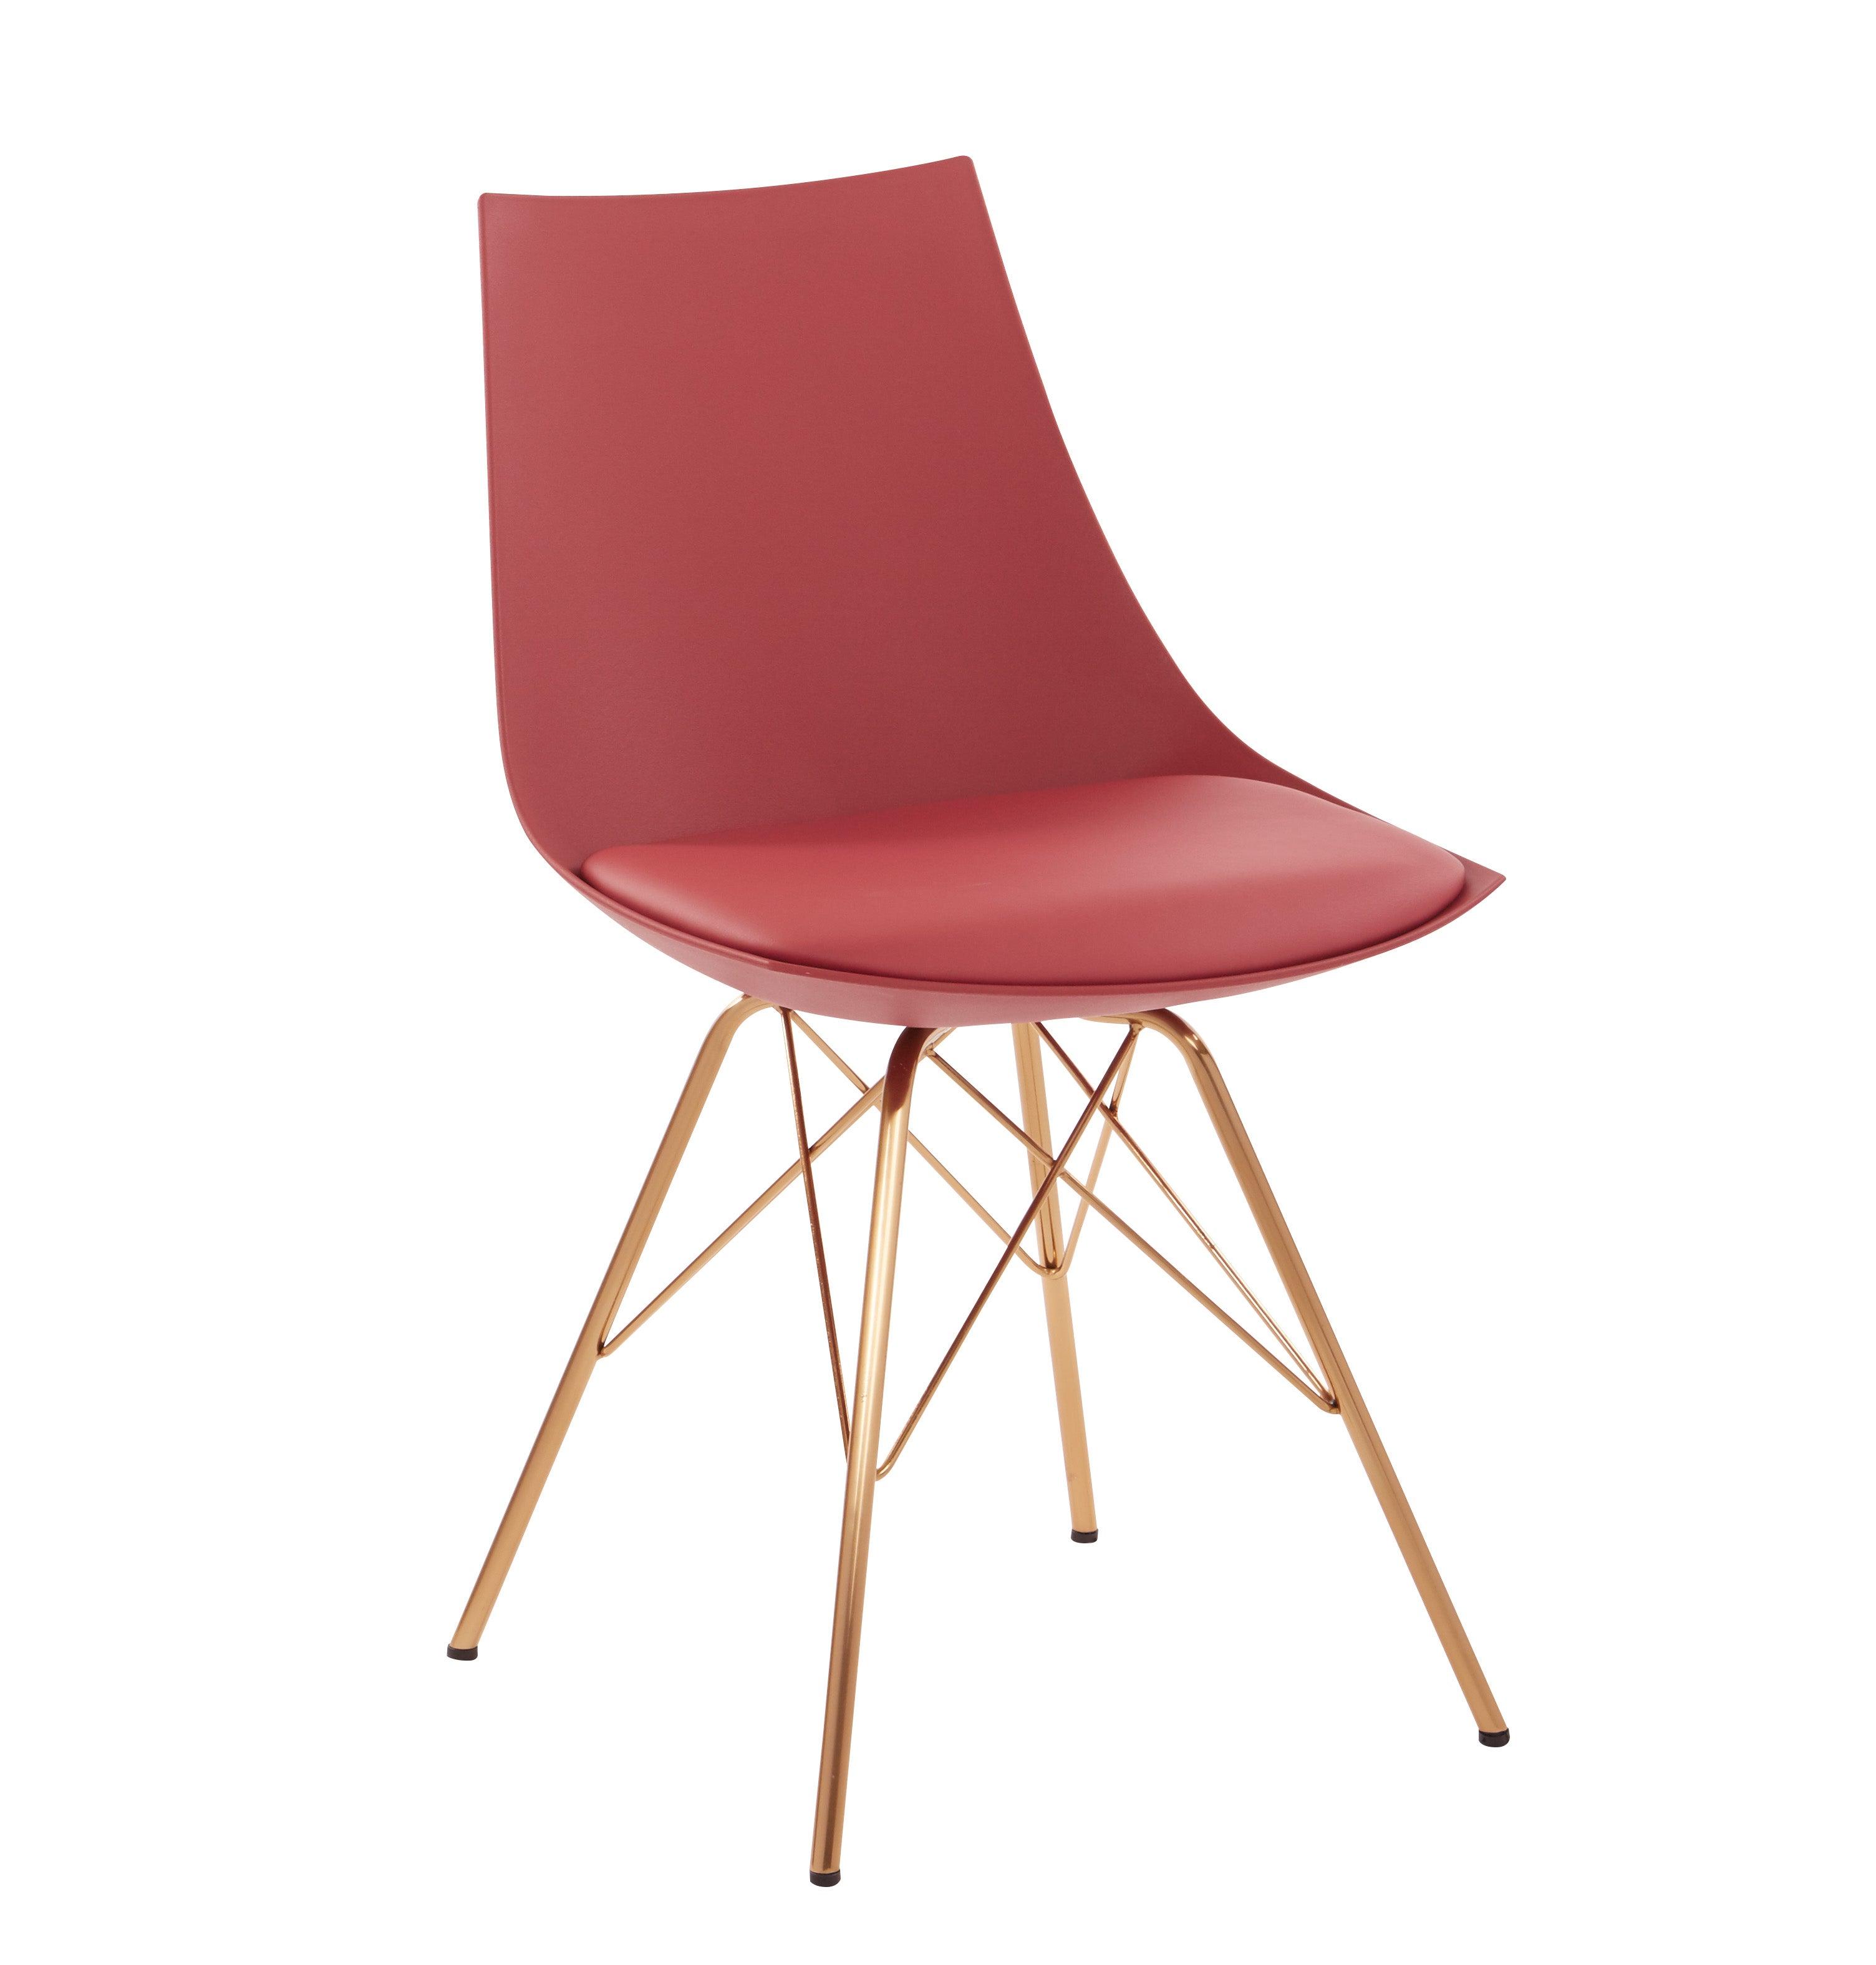 01- oakley chair